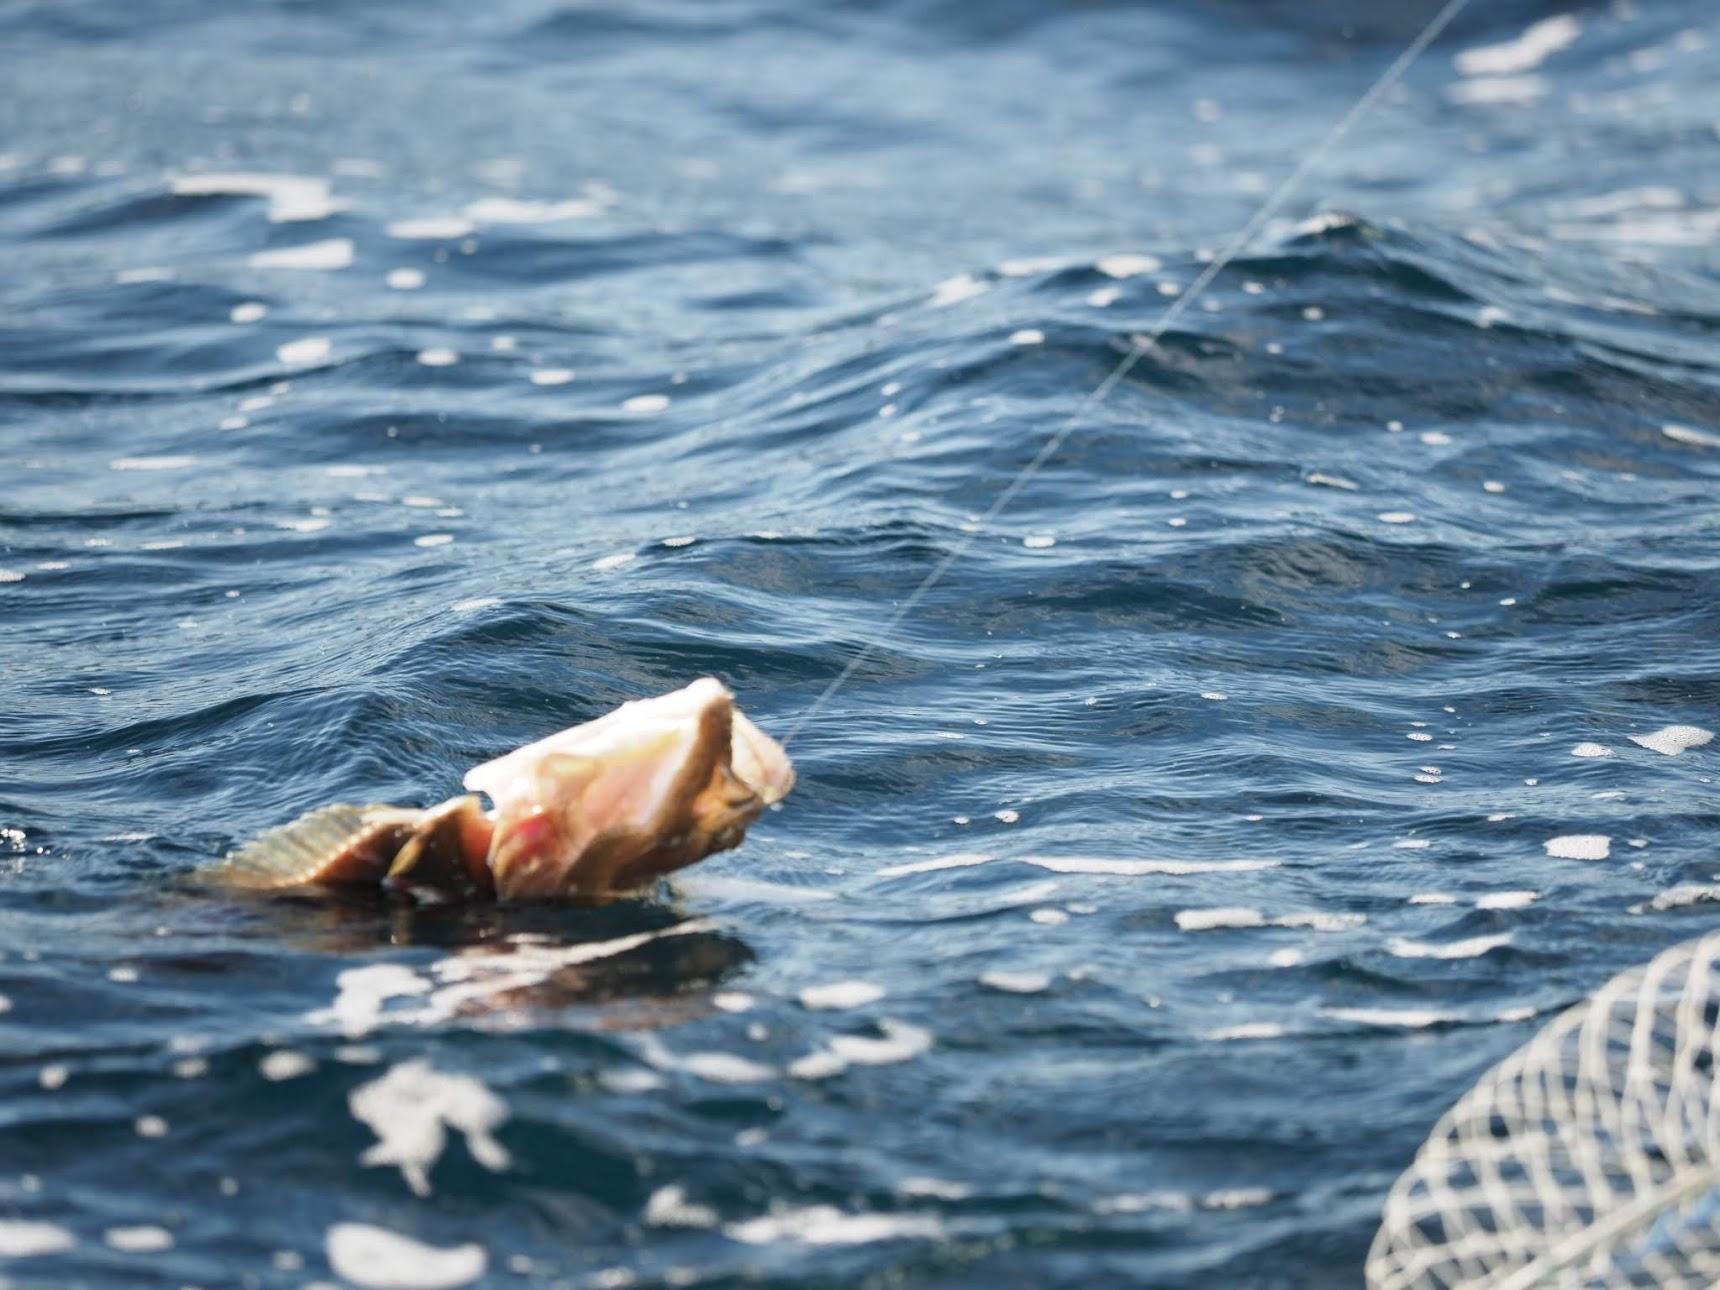 泳がせで釣ったヒラメ